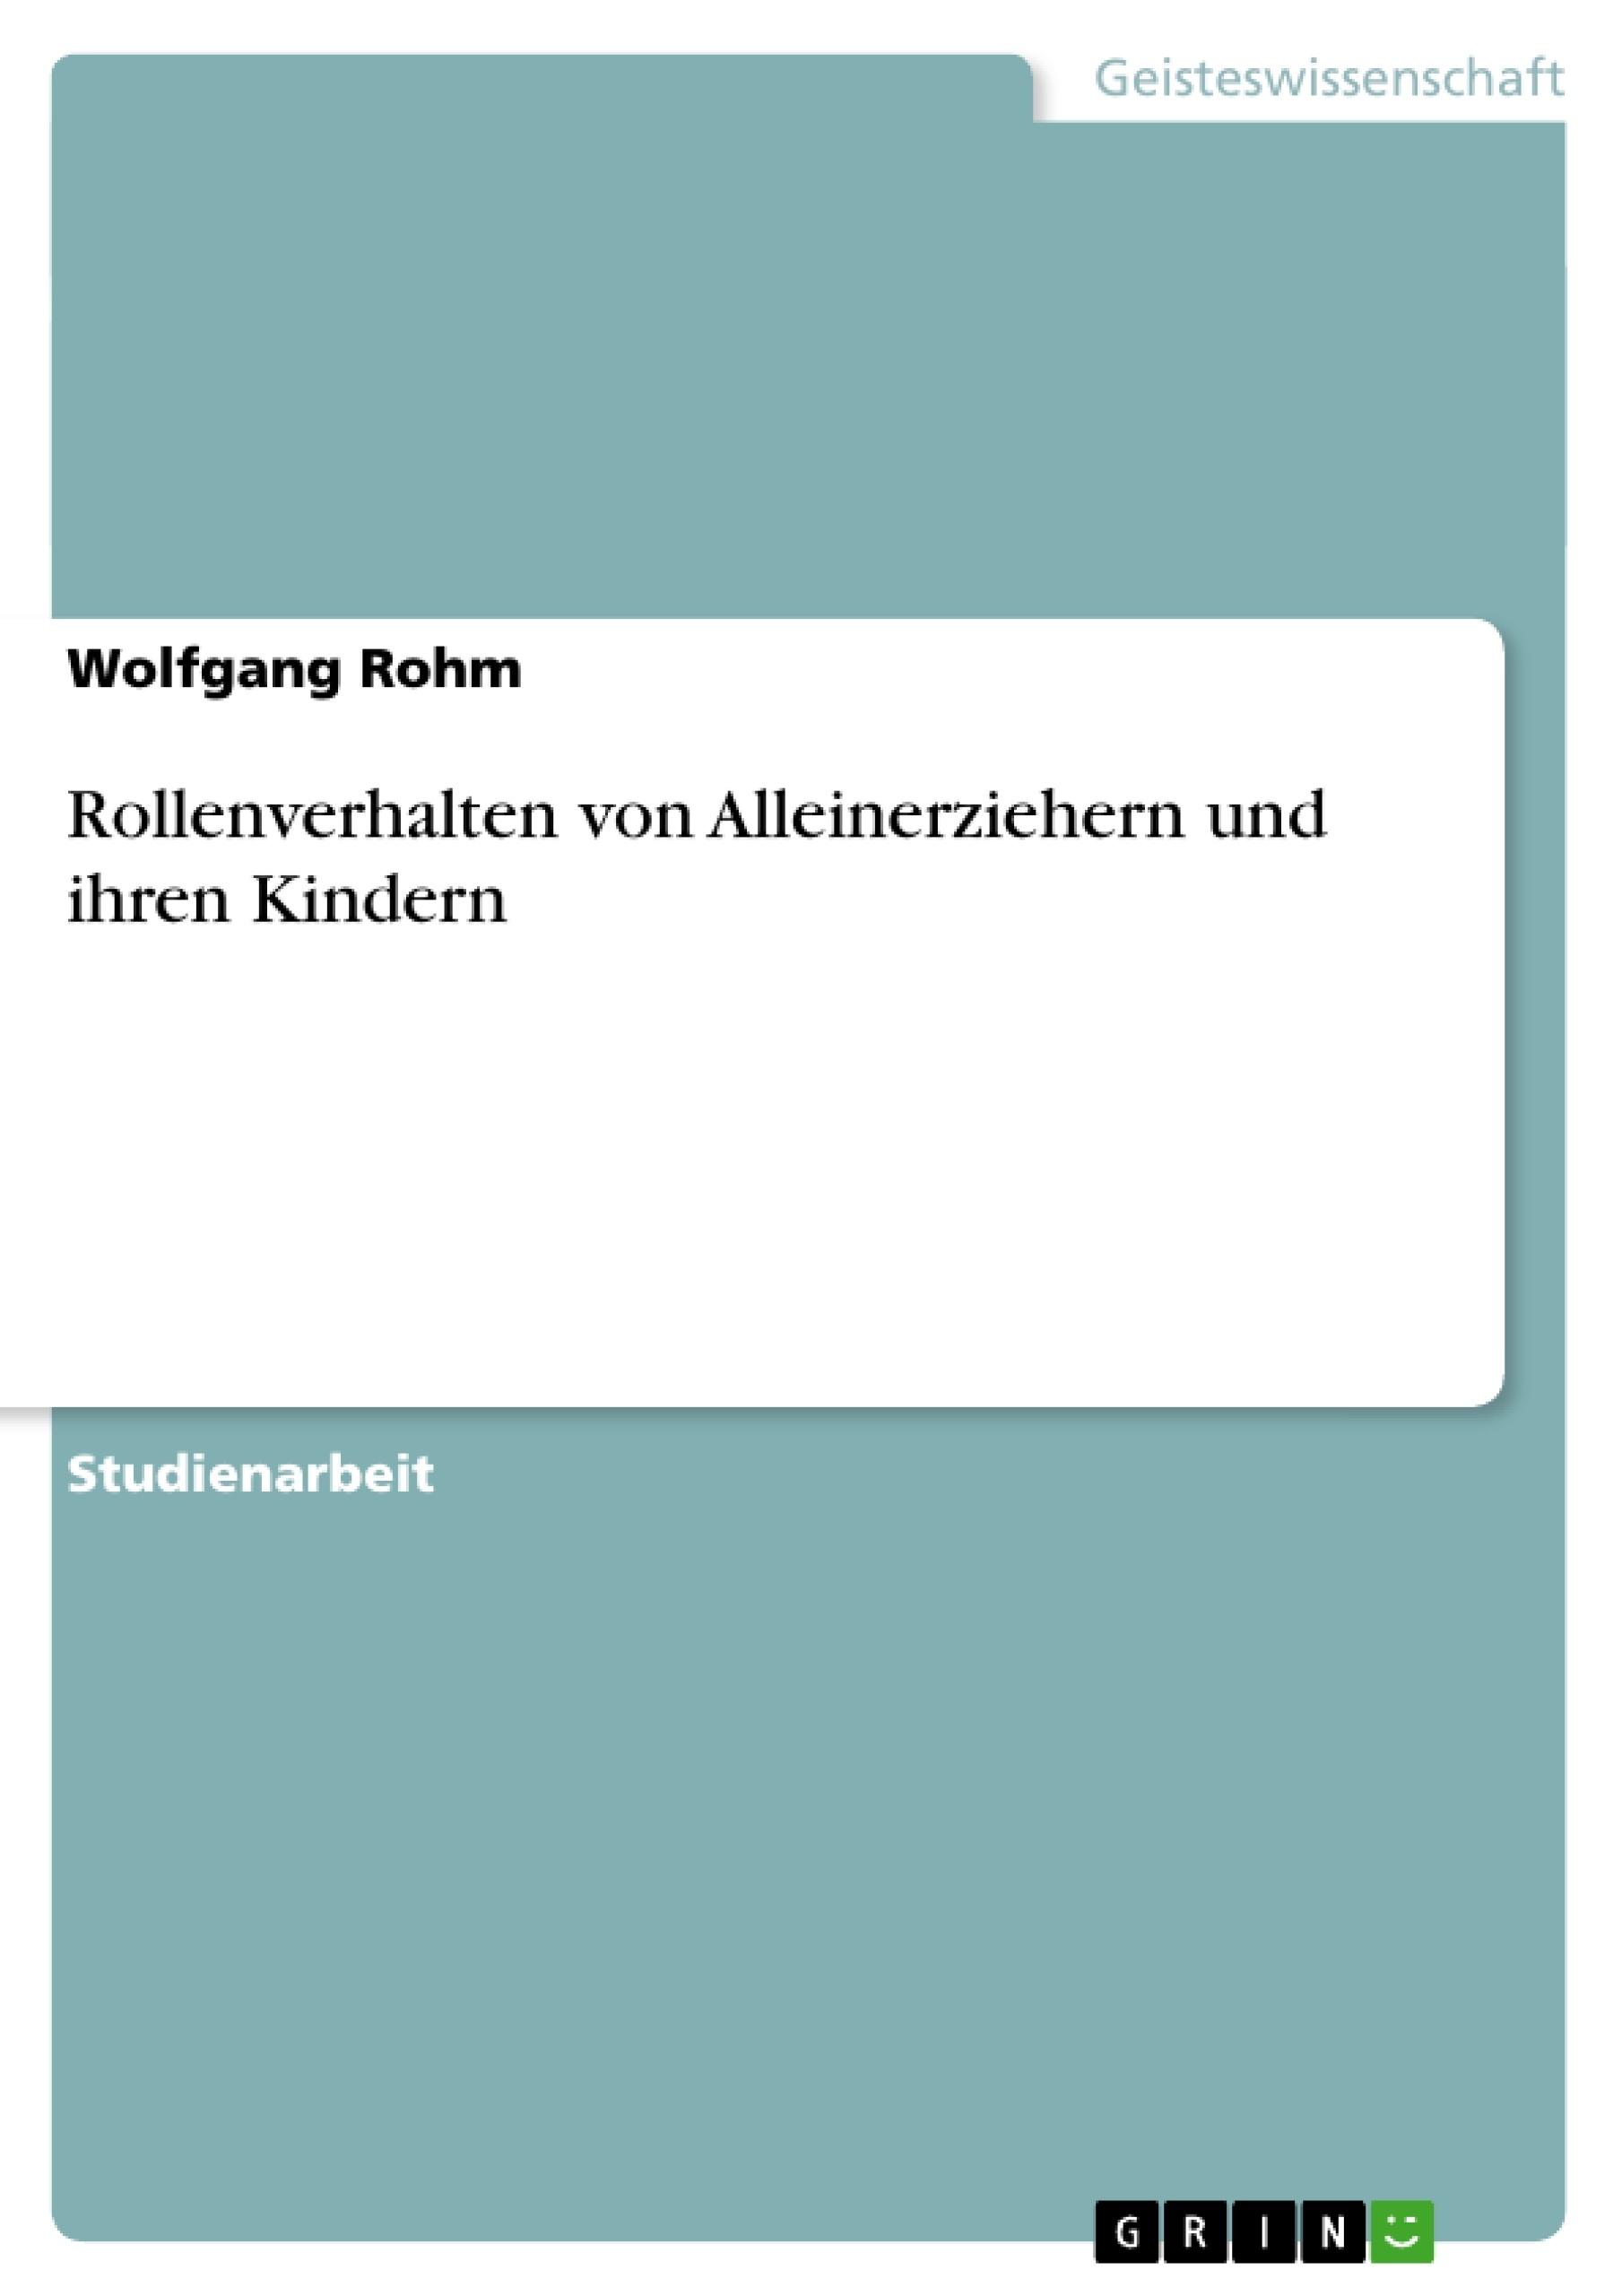 Titel: Rollenverhalten von Alleinerziehern und ihren Kindern